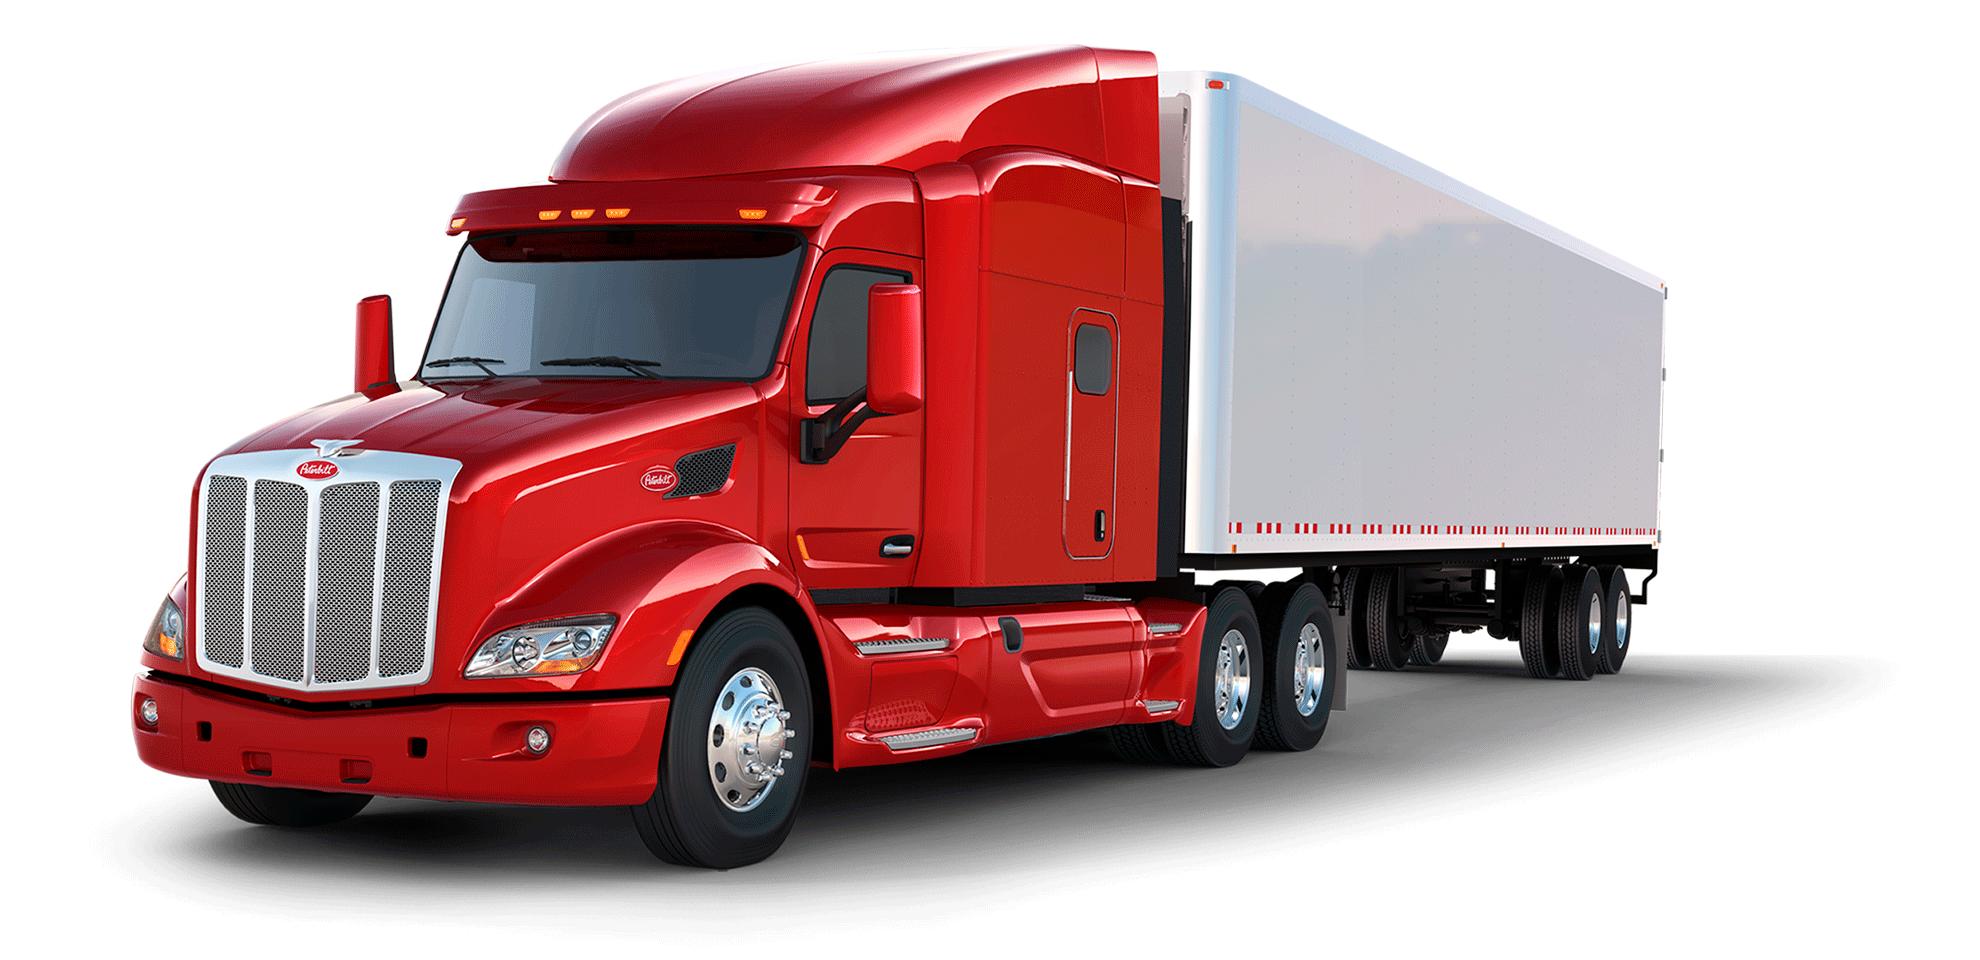 UbiTec - servicio de monitoreo gps - camión rojo